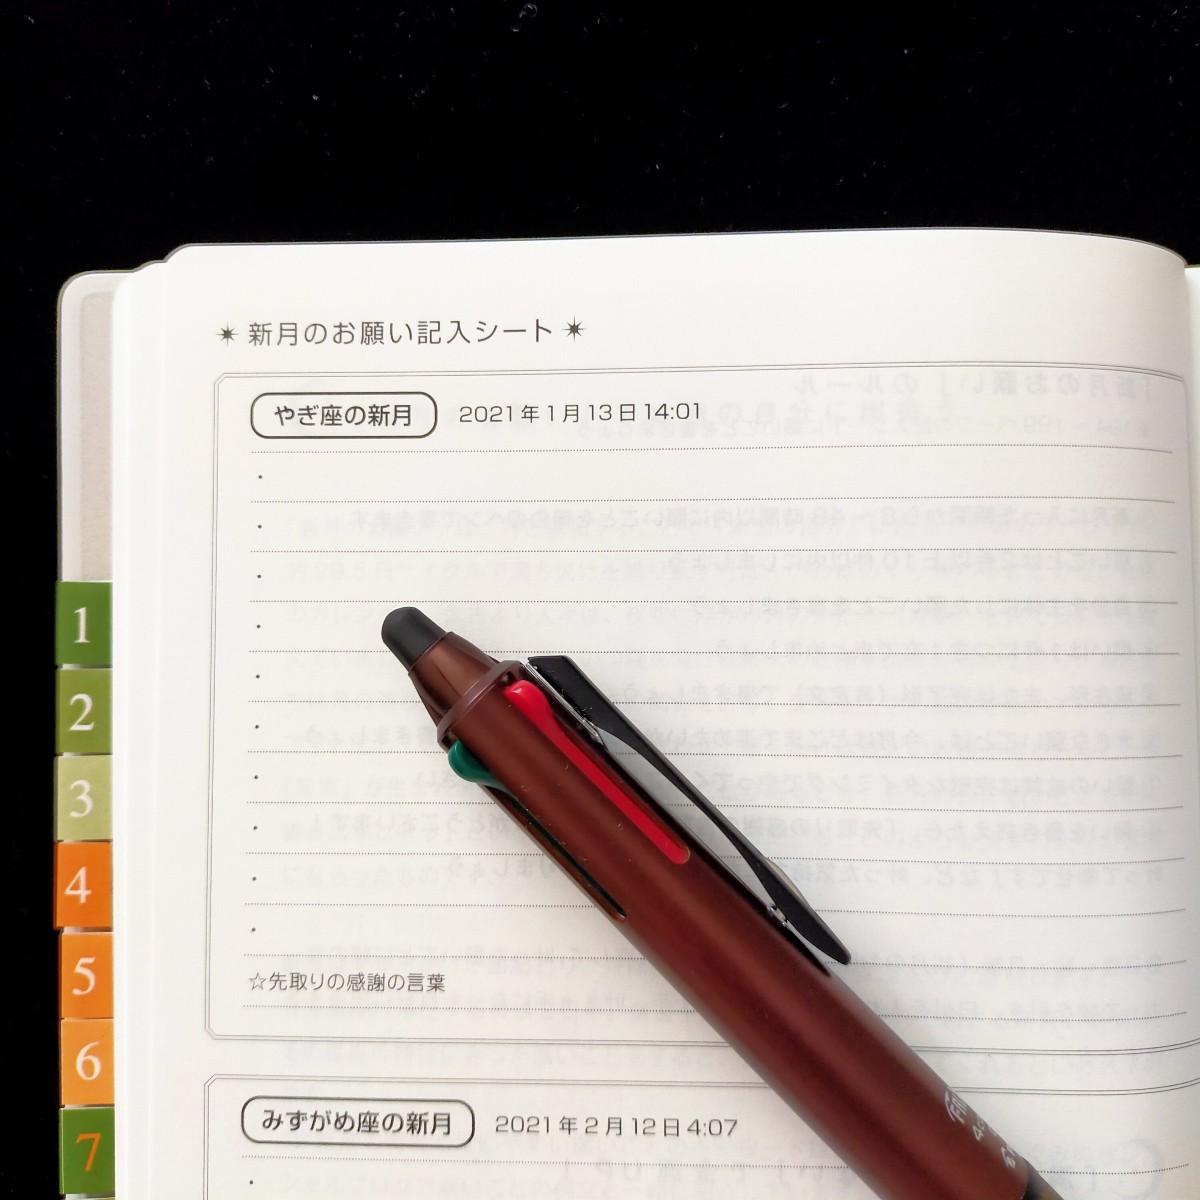 218112 「新月のお願い」INやぎ座の例文_f0164842_12115157.jpg